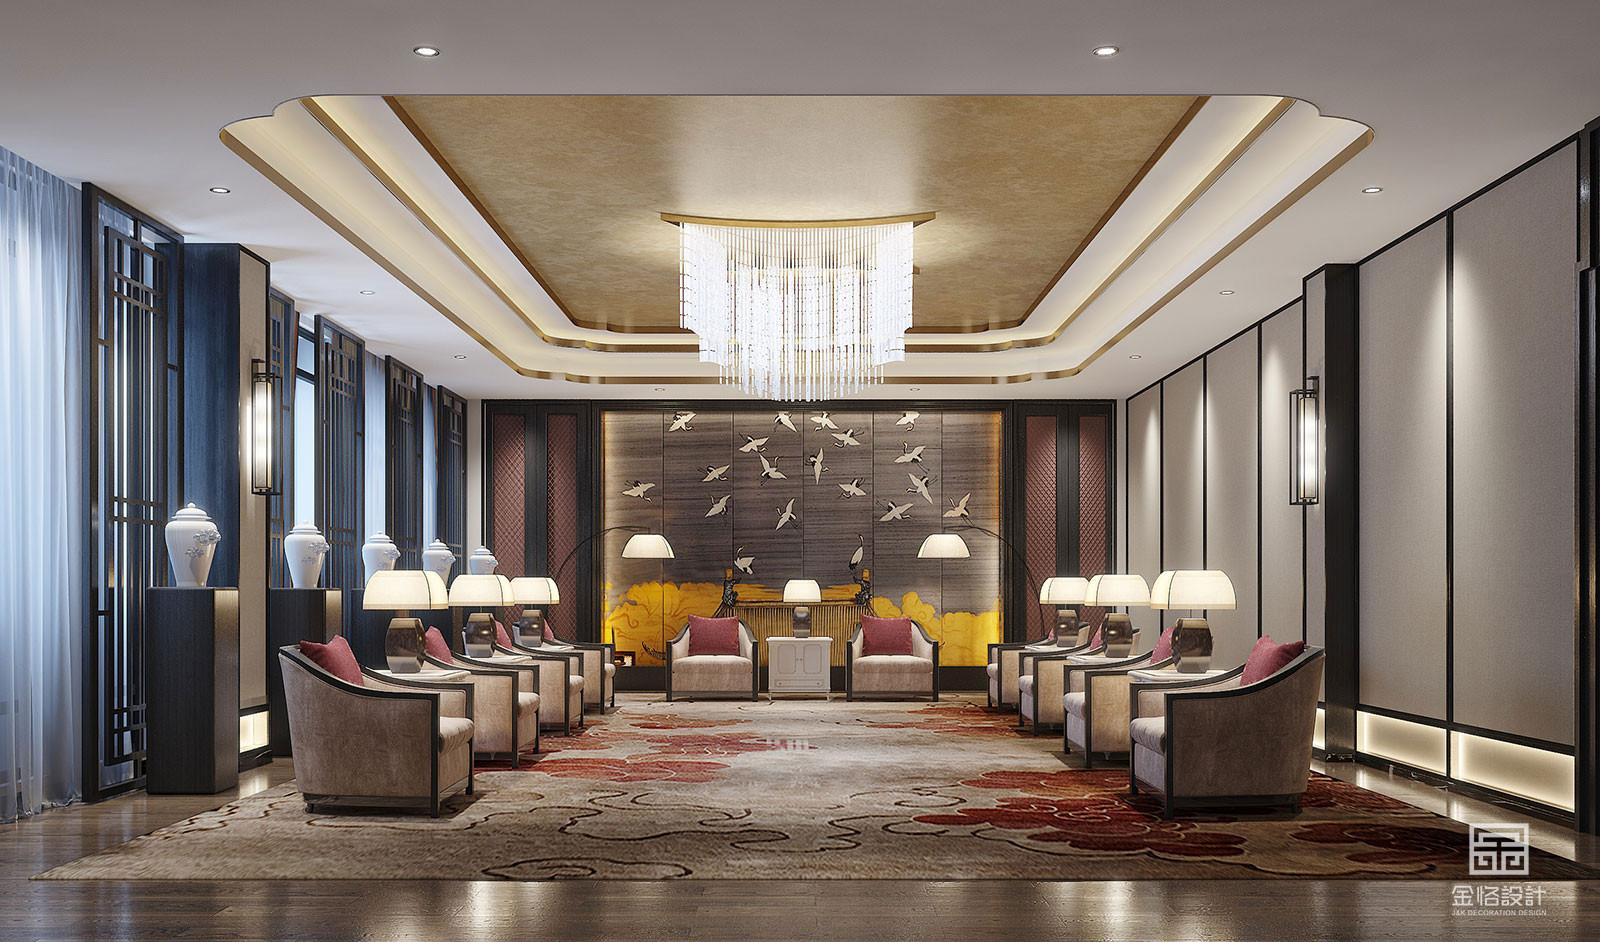 上海办公室装修,酒店装修,会所装修,餐饮装修,商业空间装修,金恪建筑